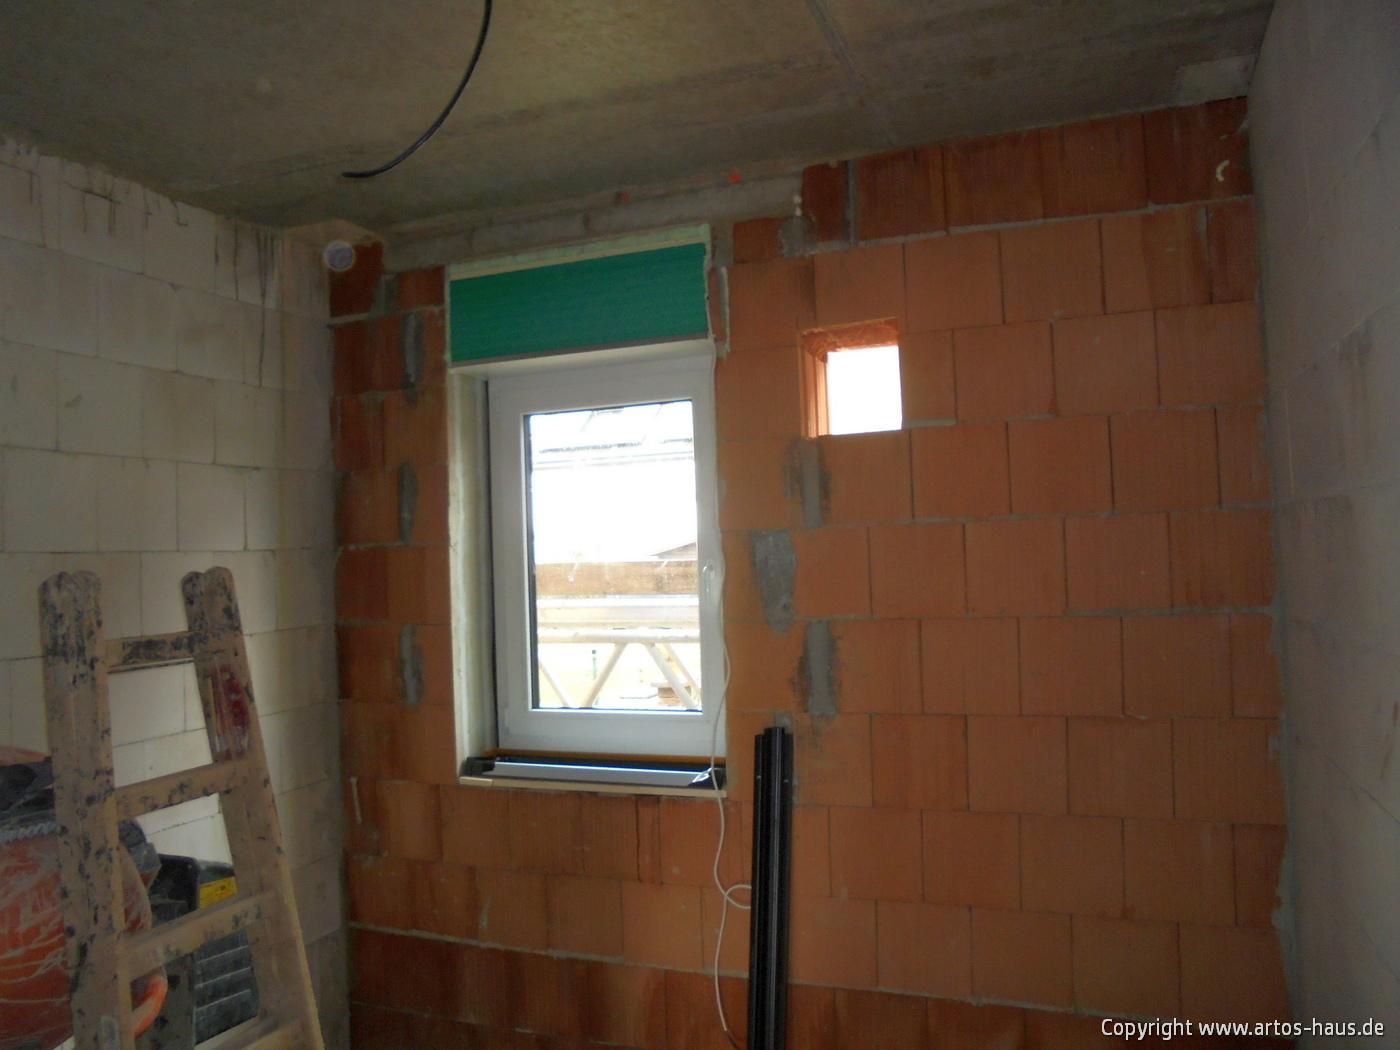 Fenstereinbau @artos-haus.de BILD 2